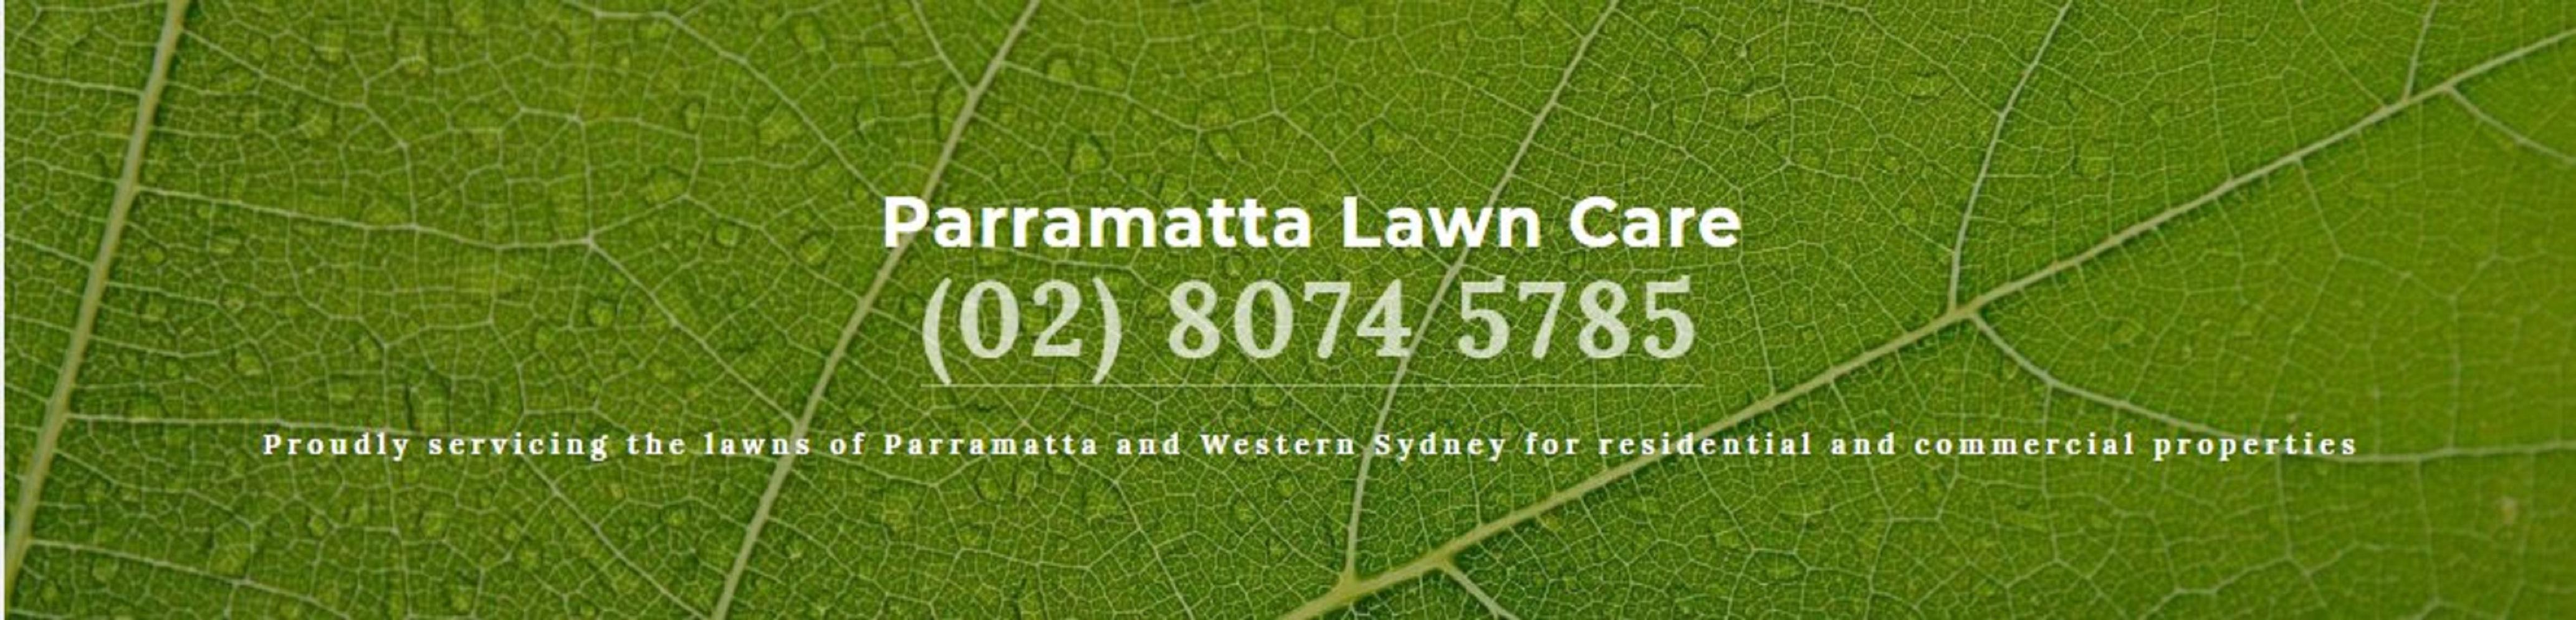 Parramatta Lawn Care